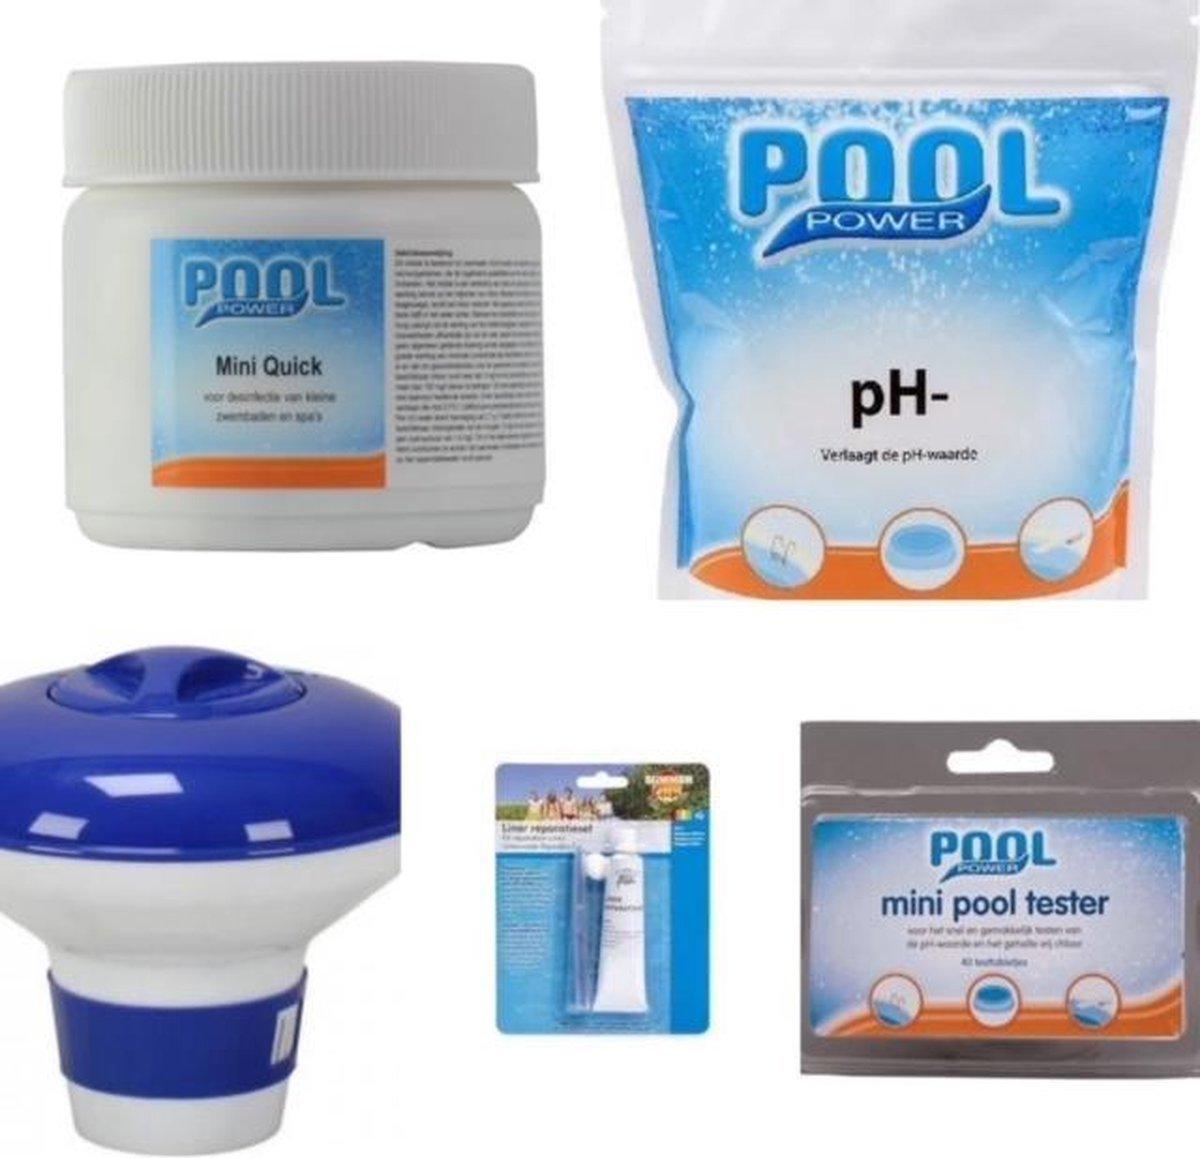 onderhoud chloor starterset zwembad PH - Chloor + extra reparatie set